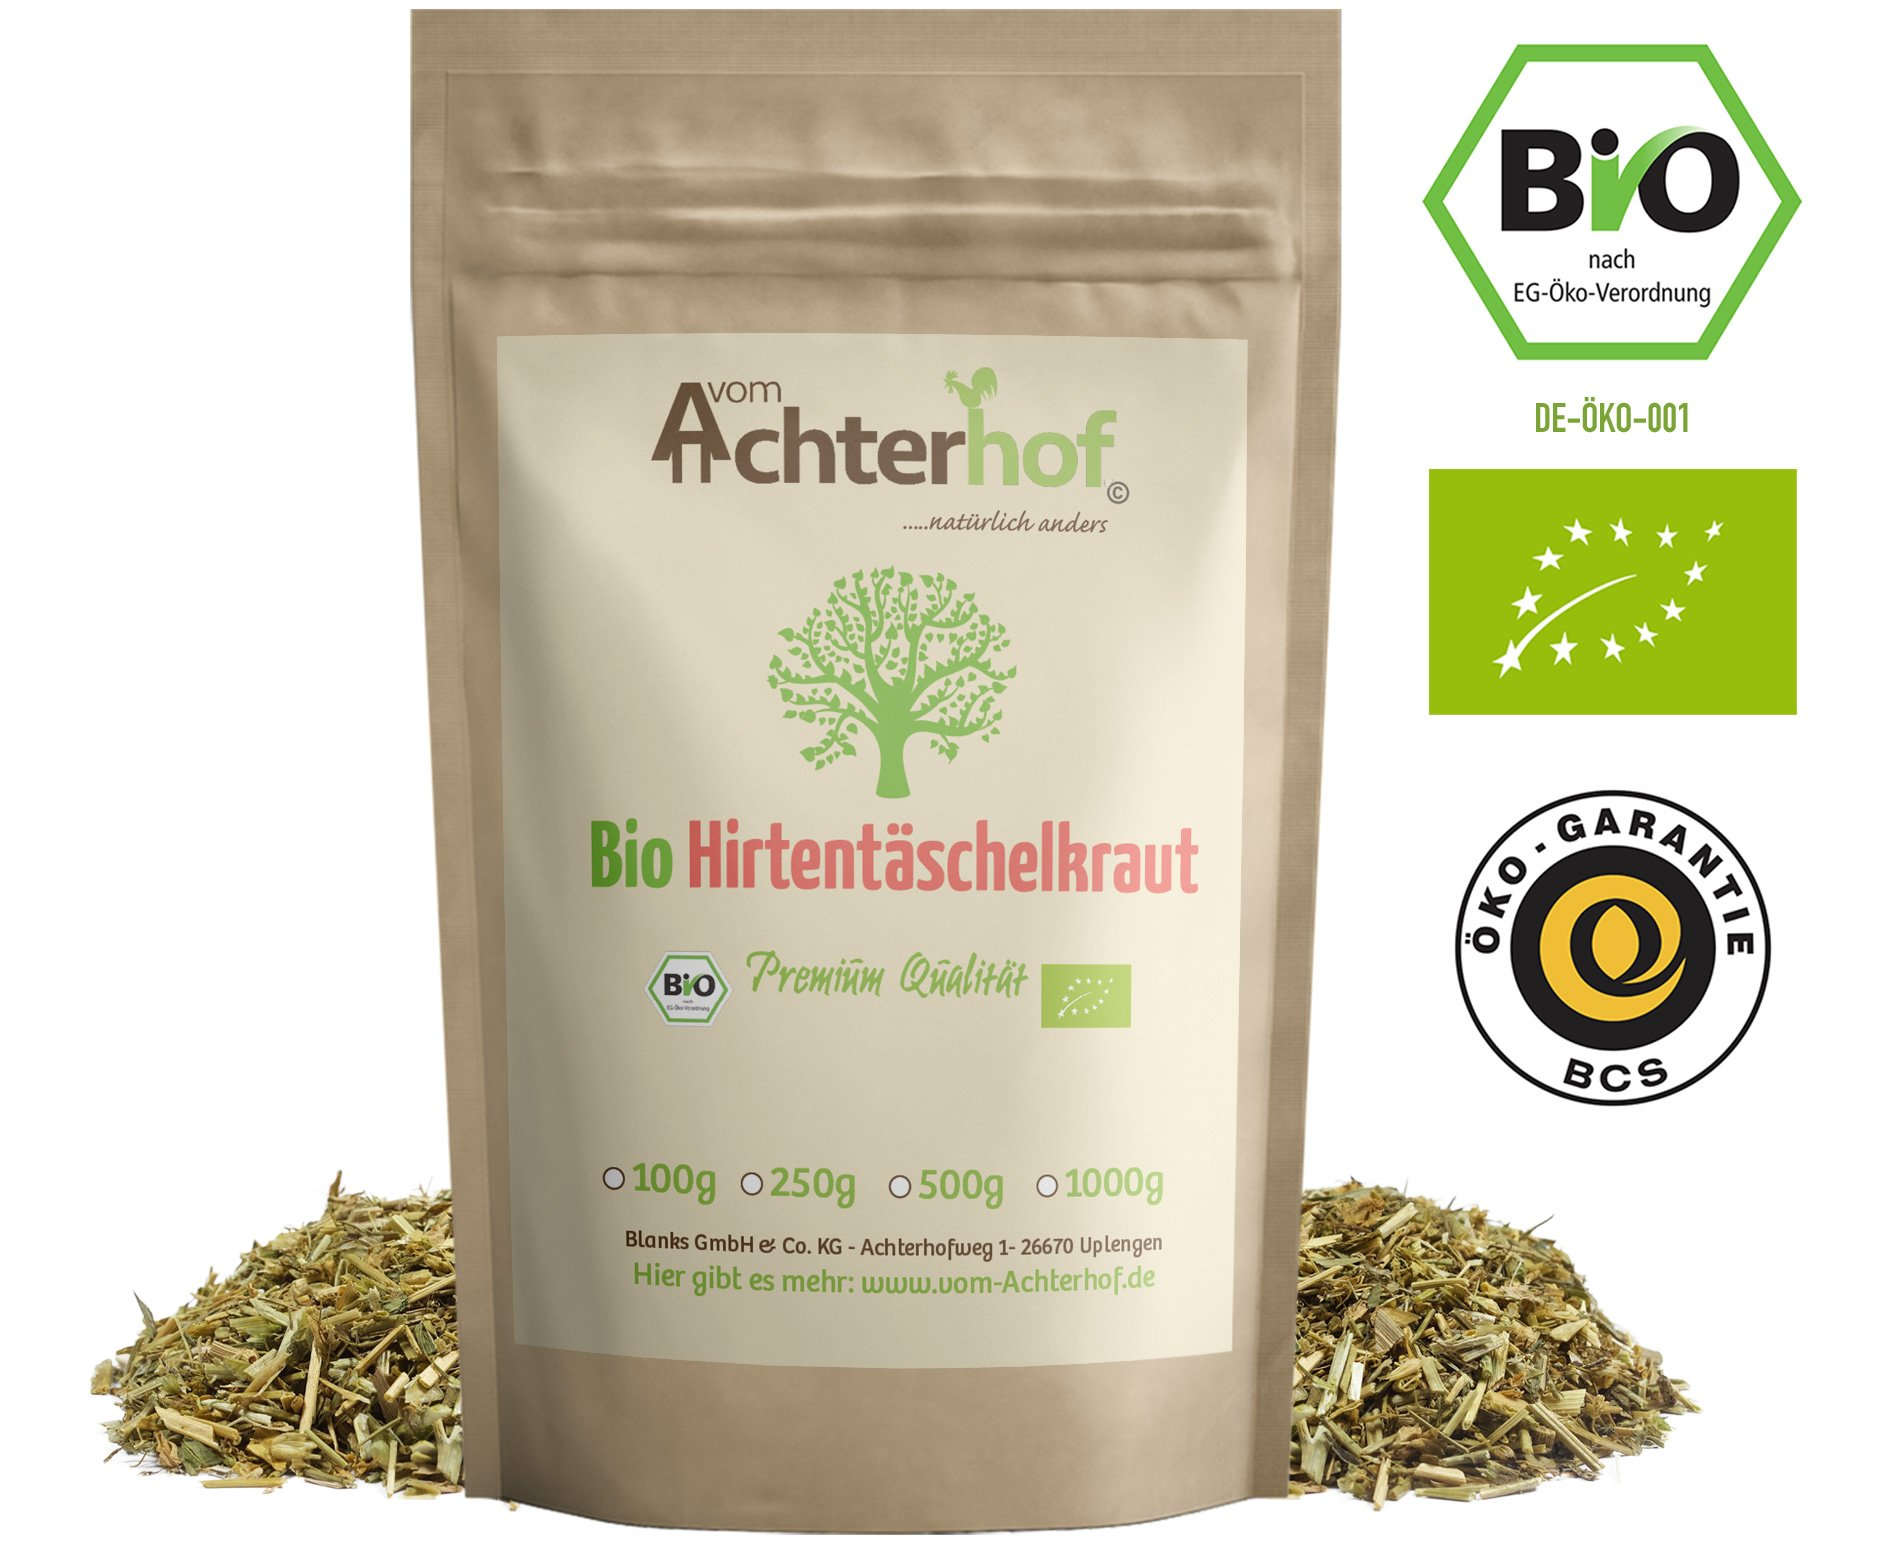 BIO-Hirtentschelkraut-getrocknet-geschnitten-100g-vom-Achterhof-Hirtentschel-Tee-Shepherds-purse-herb-organic